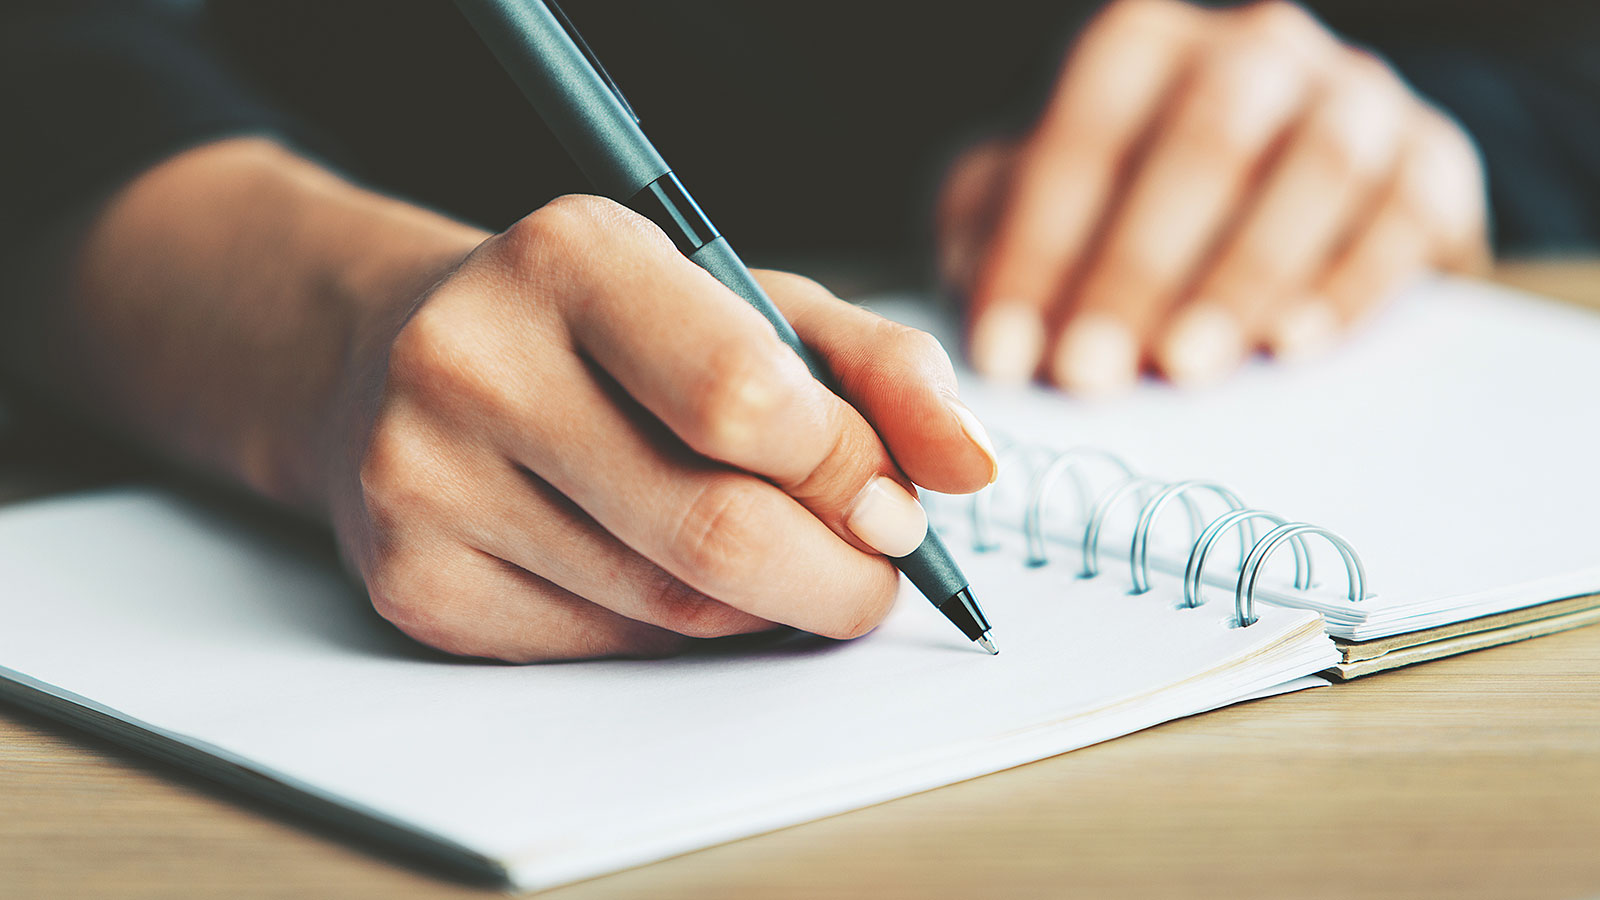 Kinh nghiệm luyện kỹ năng Writing trong bài thi TOEIC 4 kỹ năng